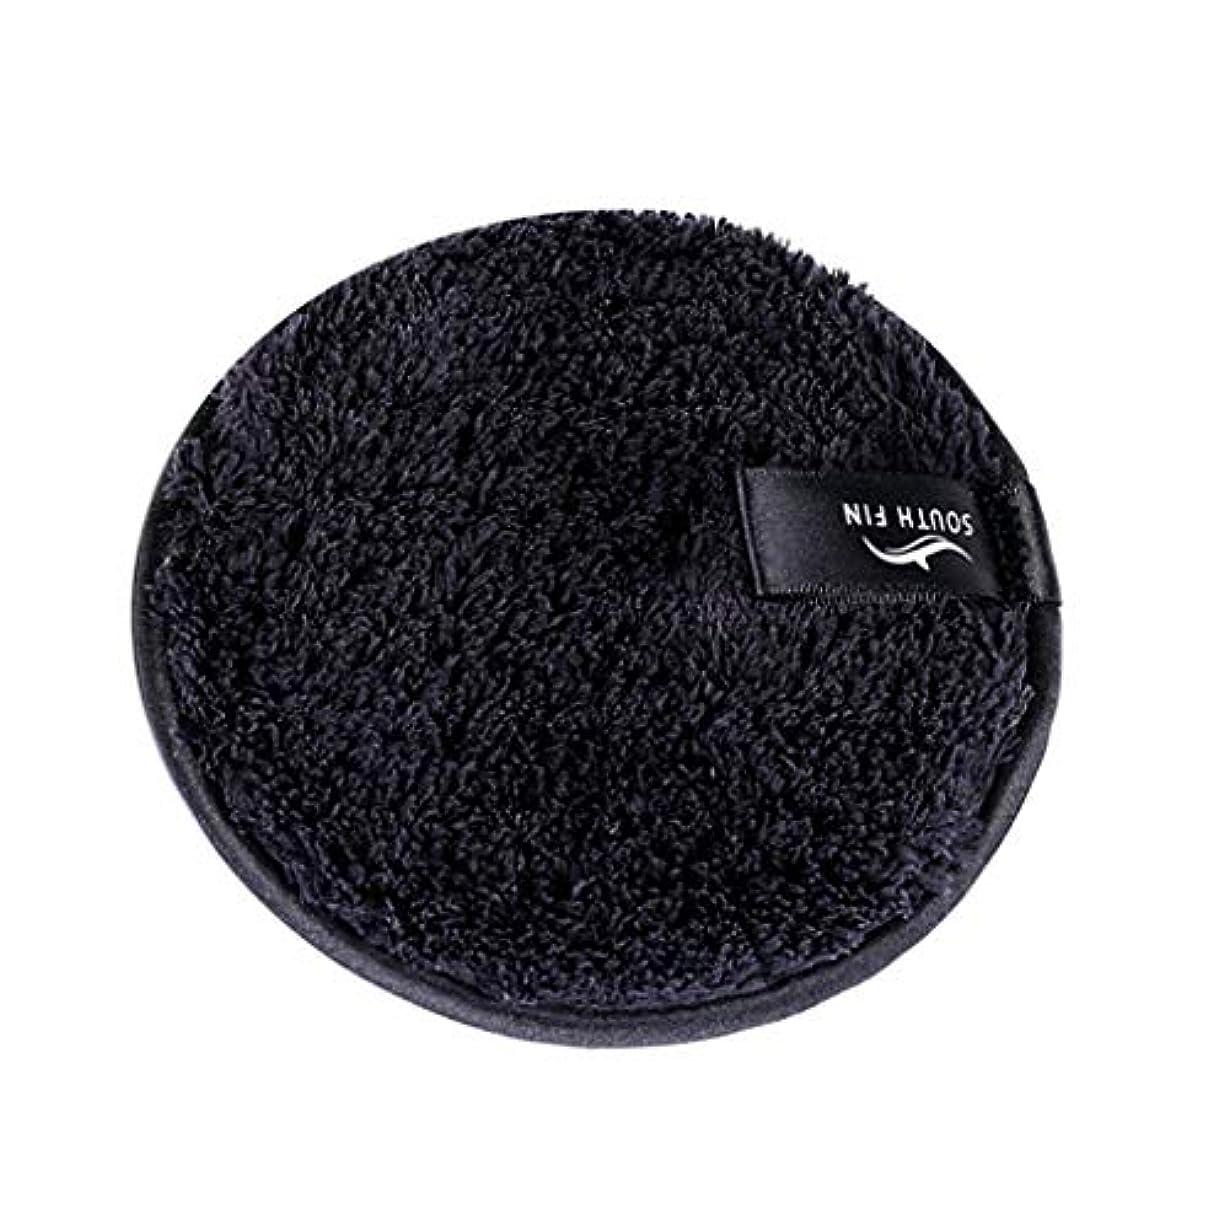 インシデントフリルとげのあるD DOLITY メイクリムーバー スポンジ パッド クレンジングパフ 洗顔 スキンケア 3色選べ - ブラック